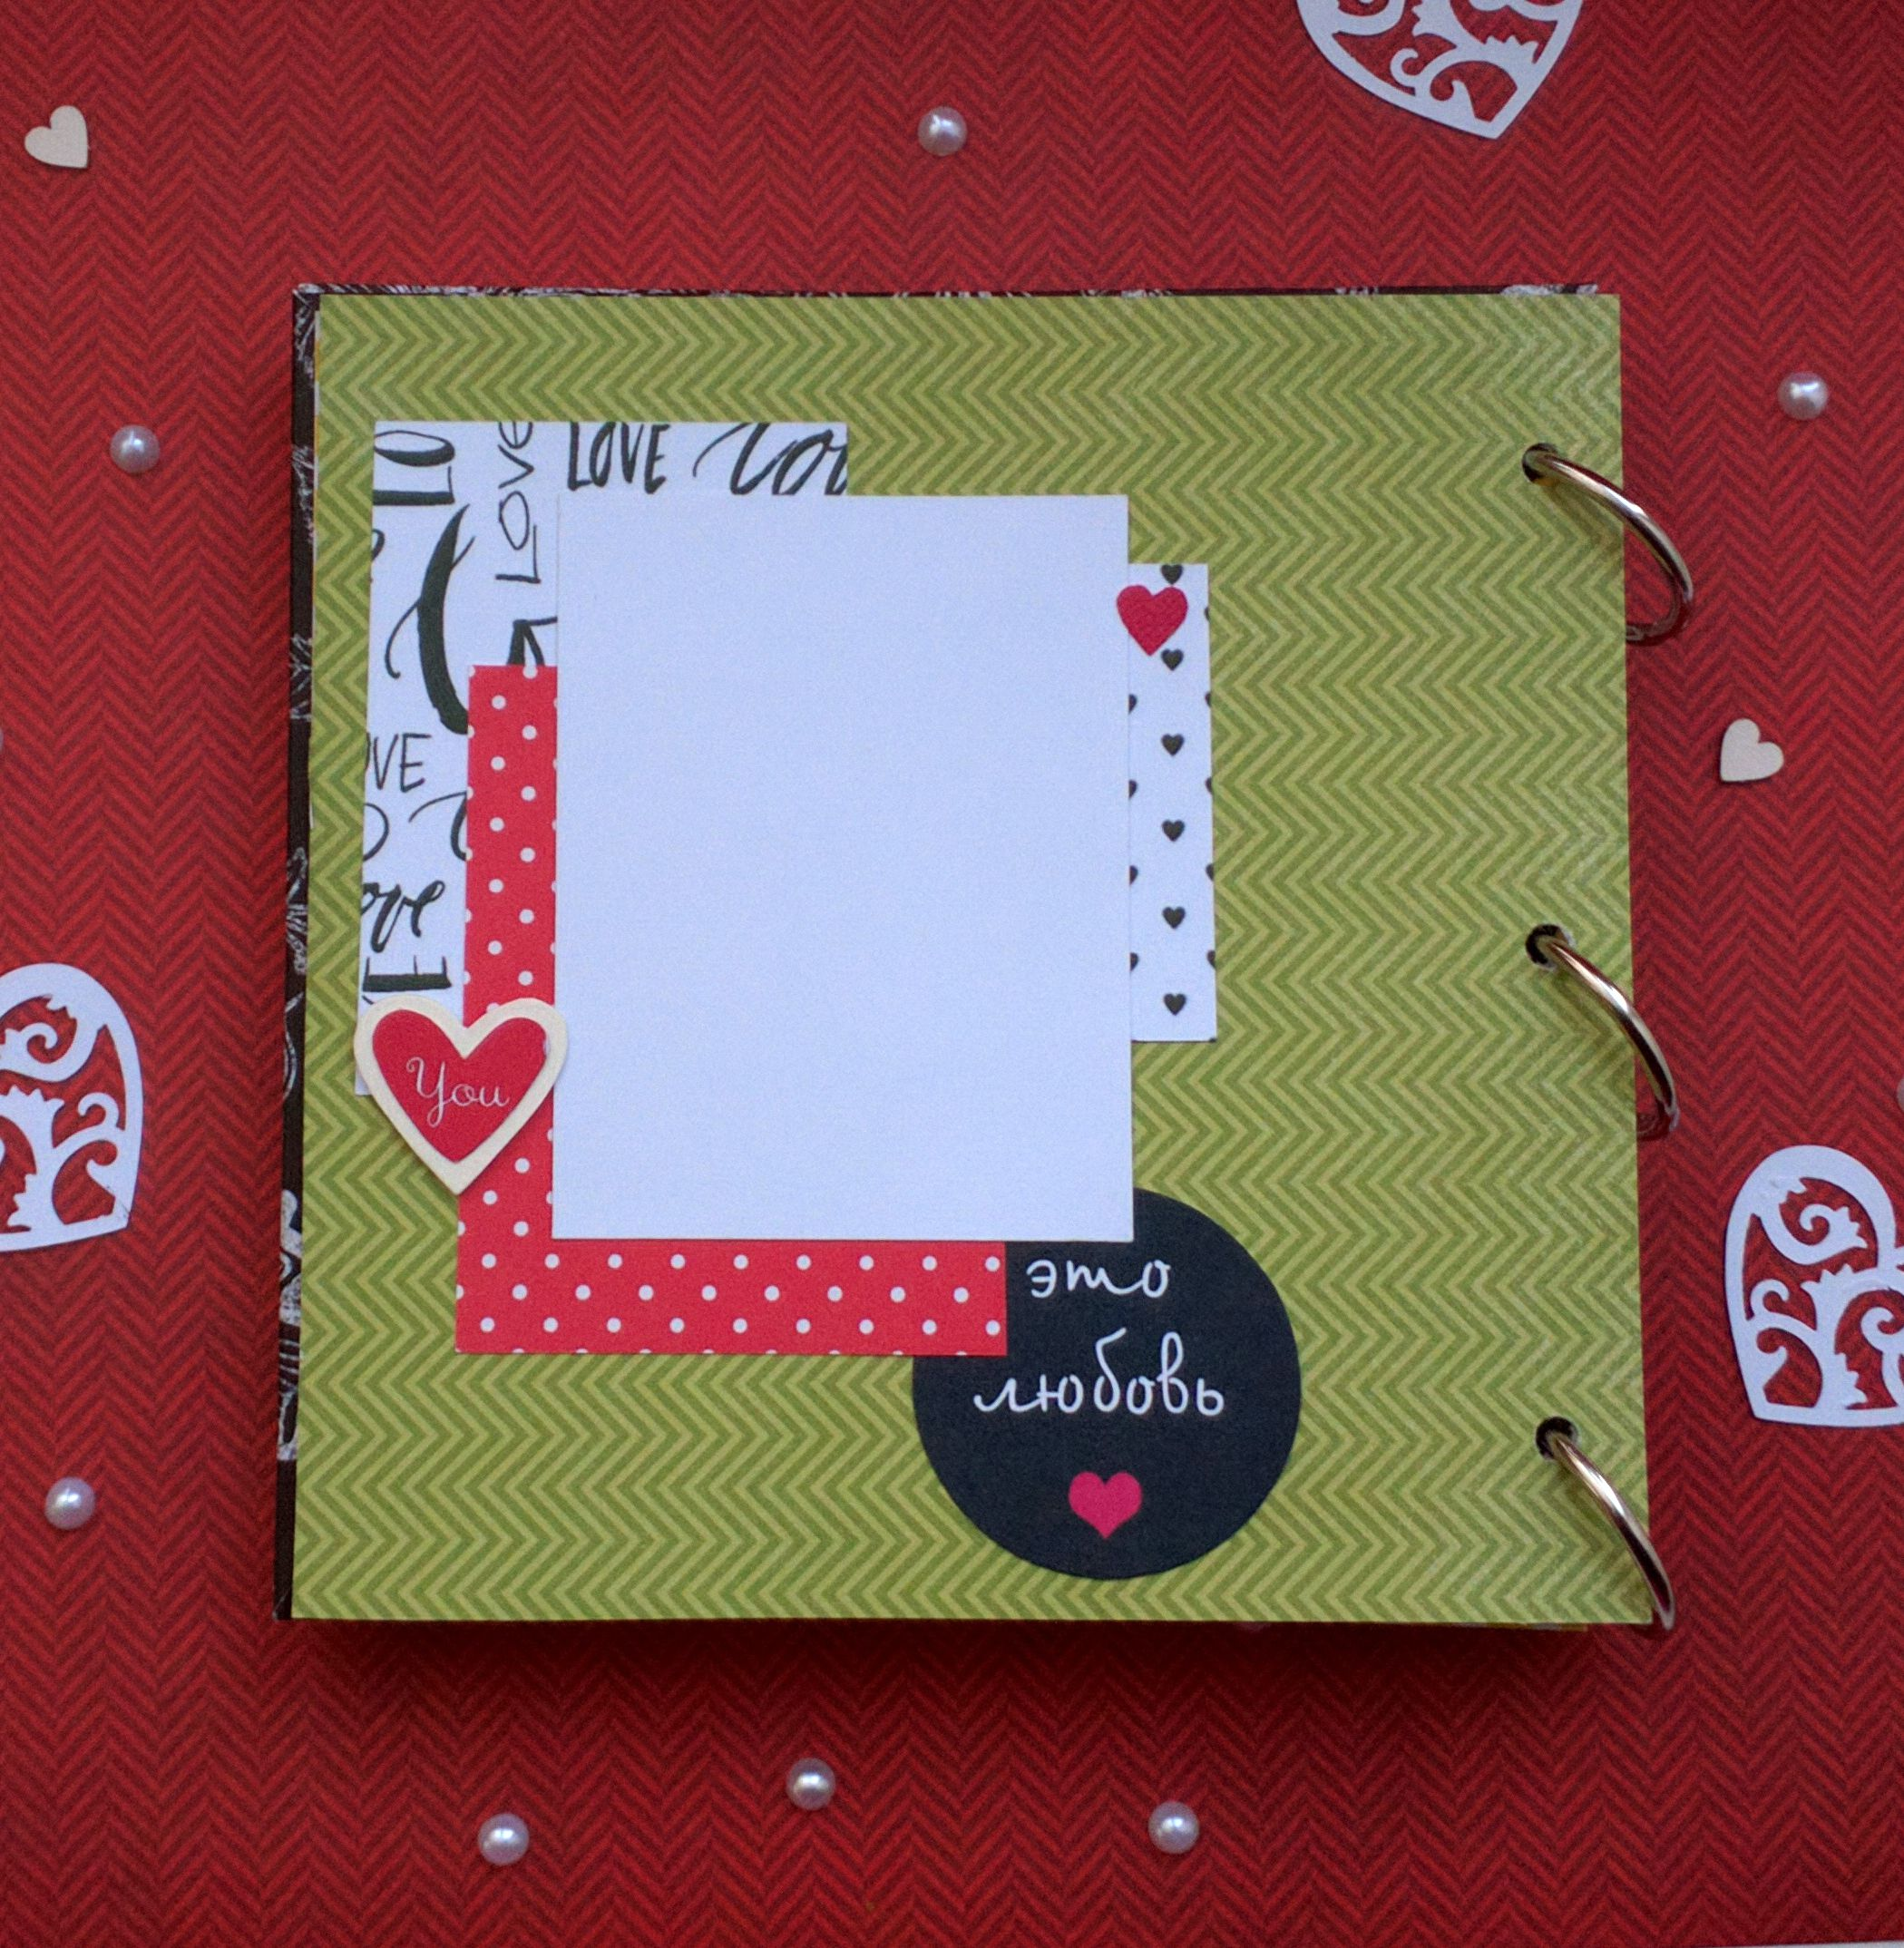 подарокдевушке деньвлюбленных миниальбом lovestory альбомкупить handmade любовь скрапбукинг ручнаяработа подарок